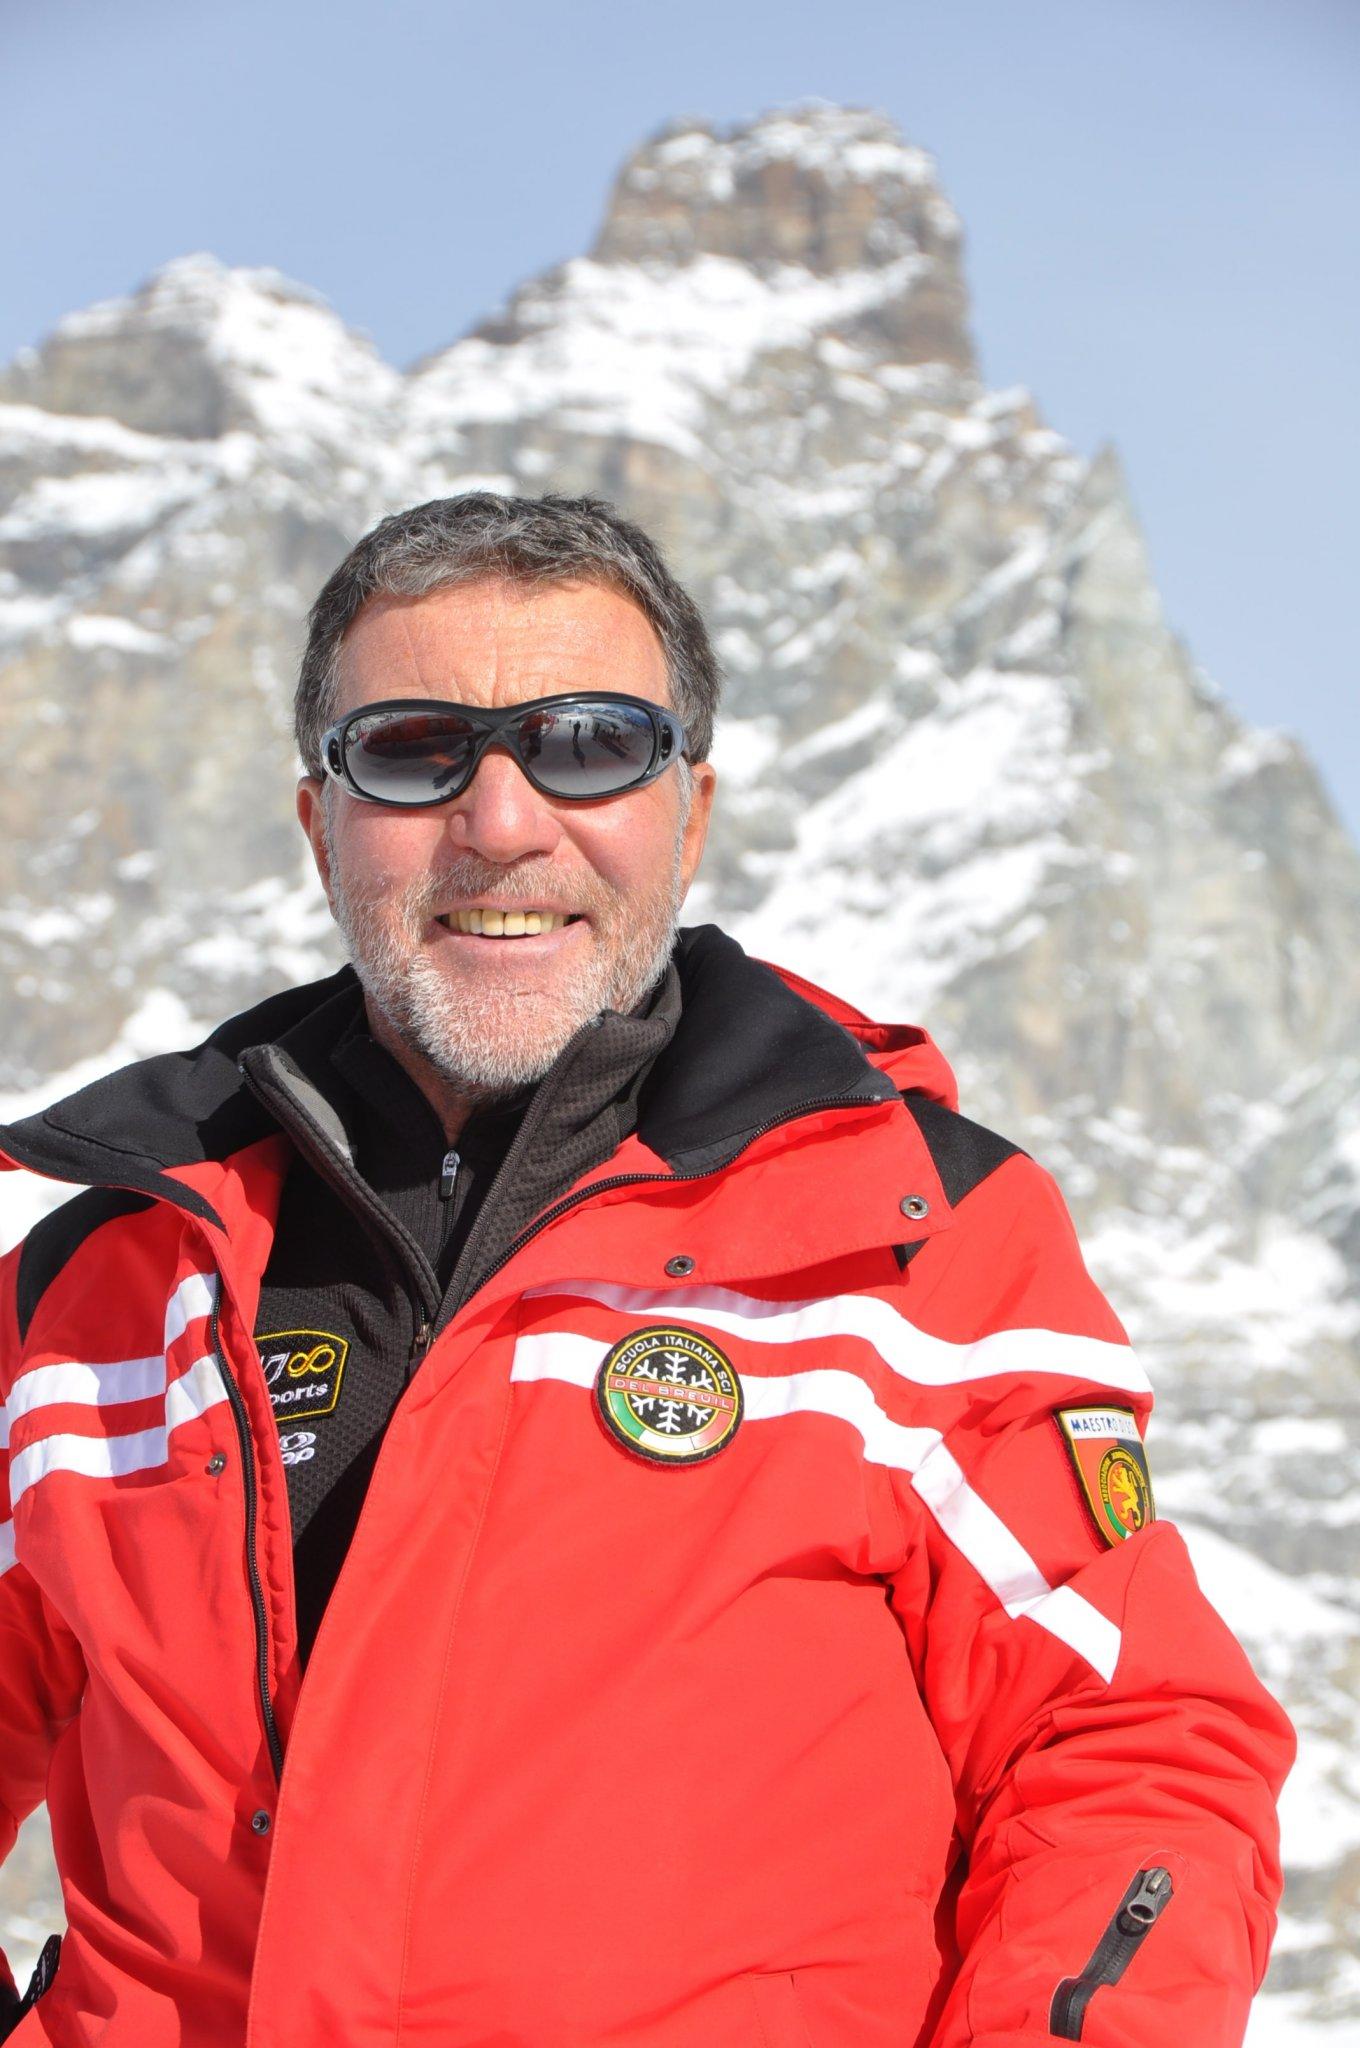 Carlo Danelli